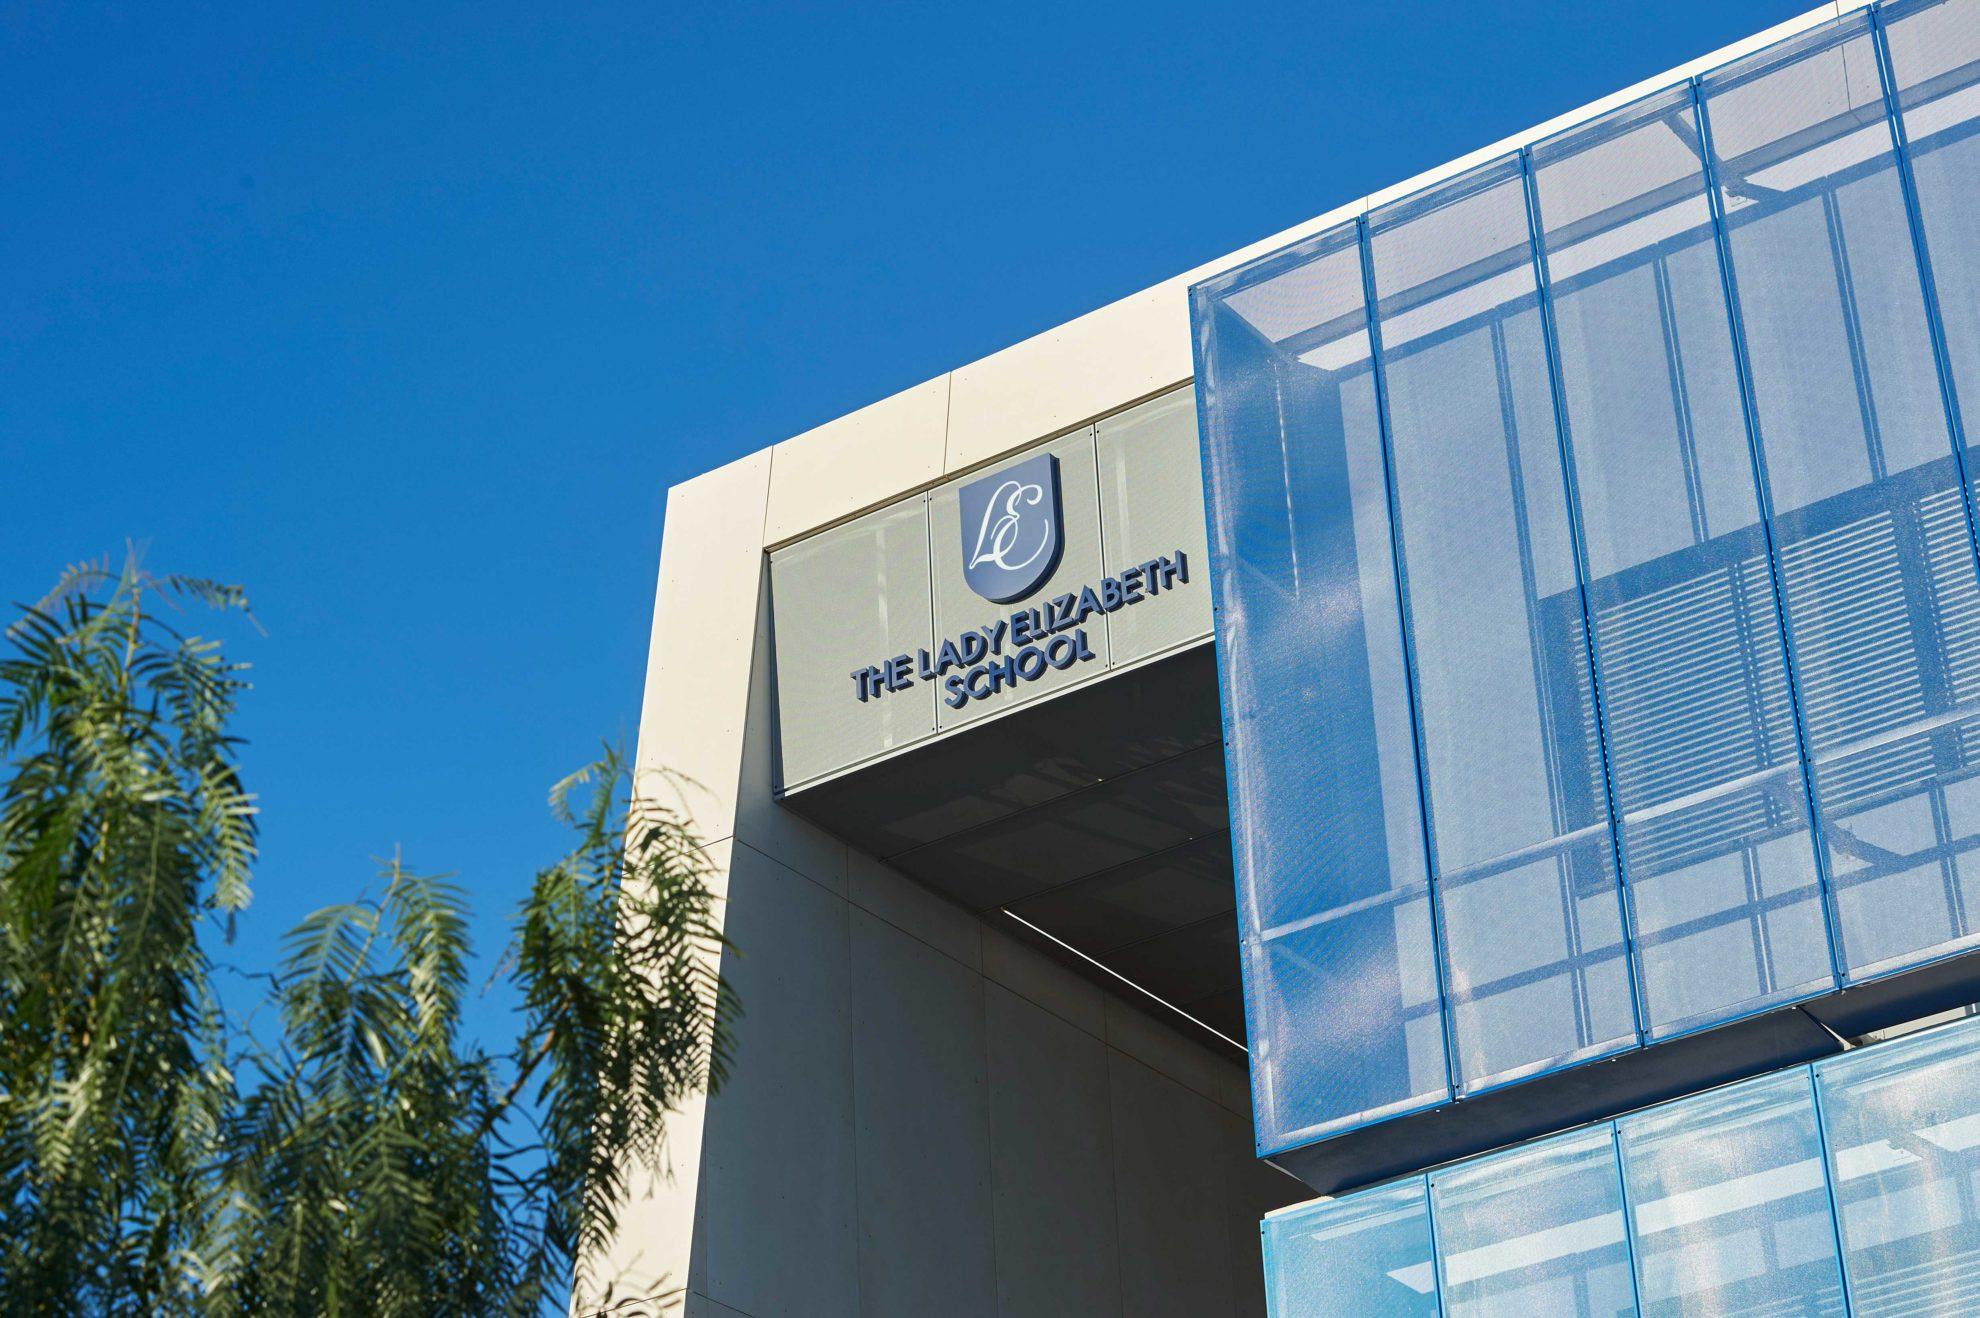 Link, um das Internat zu wählen, können Sie die Fassade des Internats oder der Laude Lady Elizabeth School in Alicante sehen.